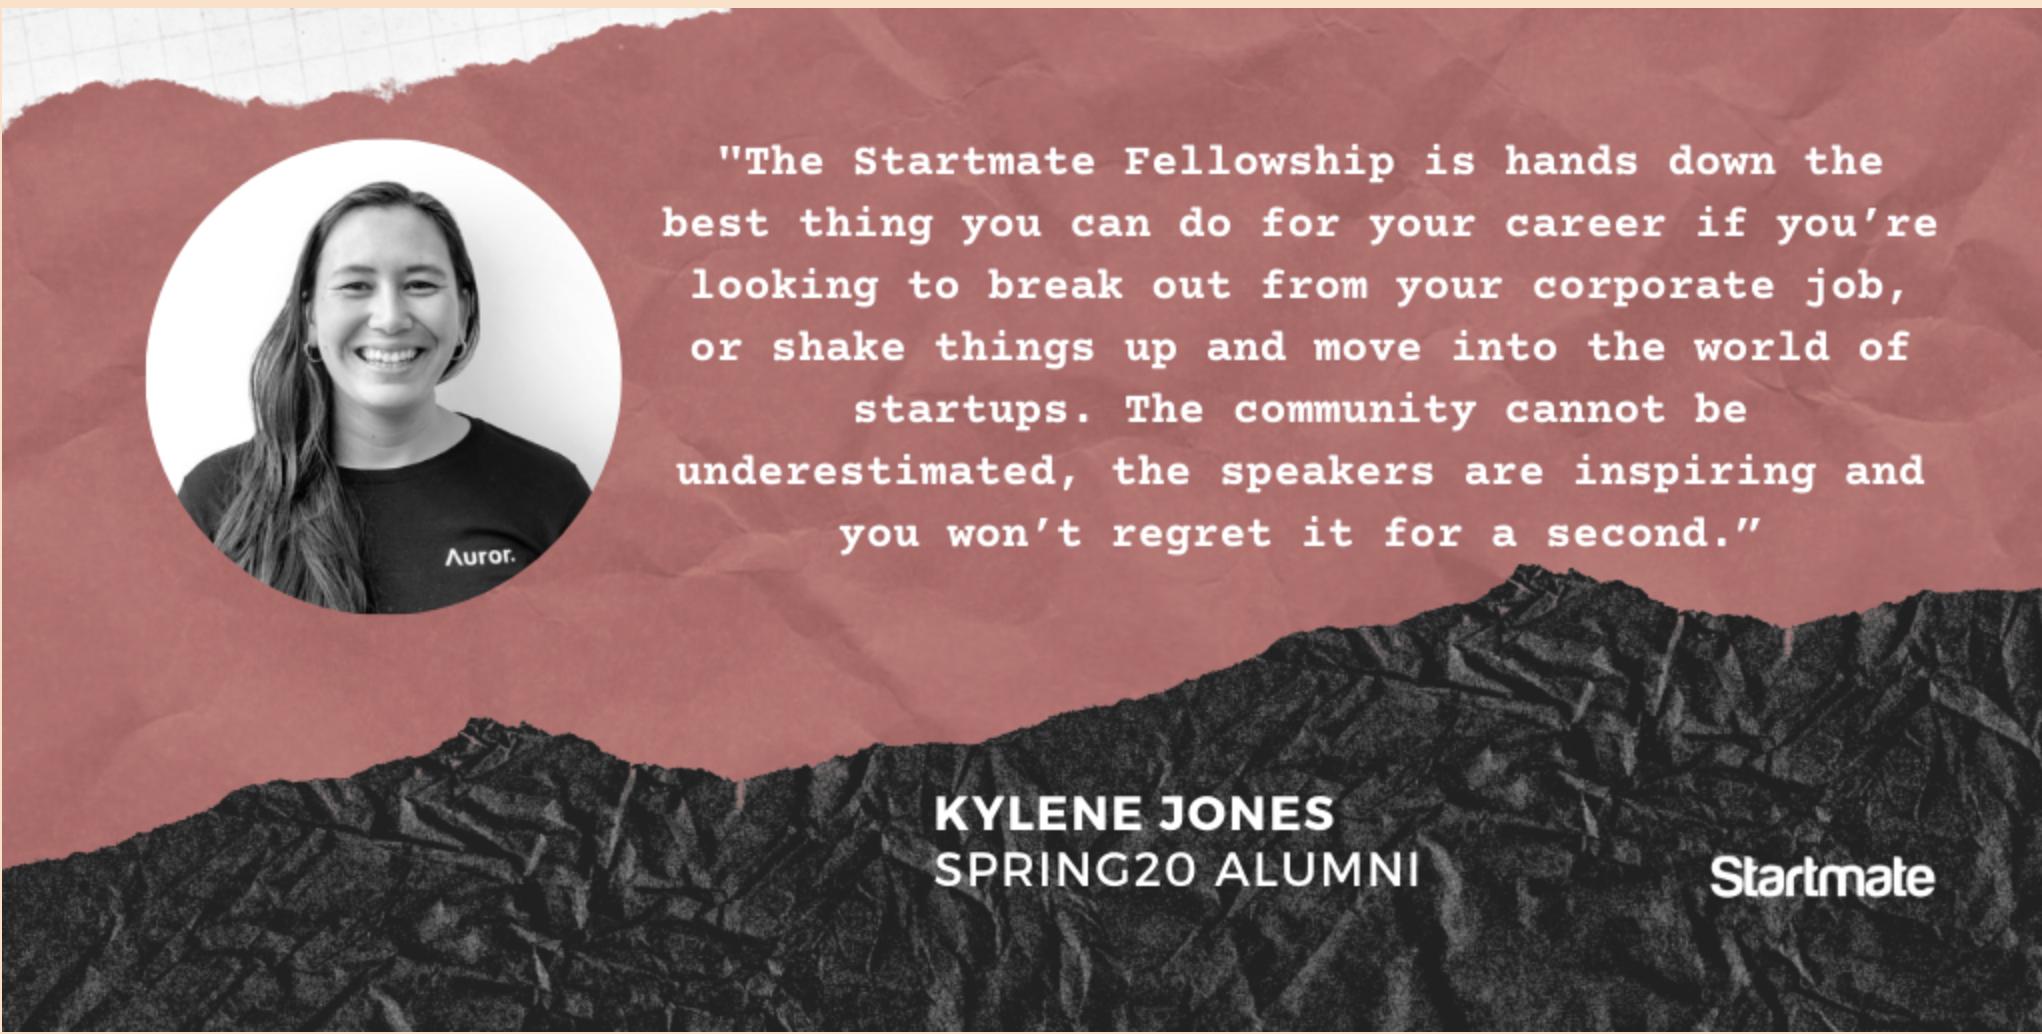 Kylene Jones, Spring20 Fellow